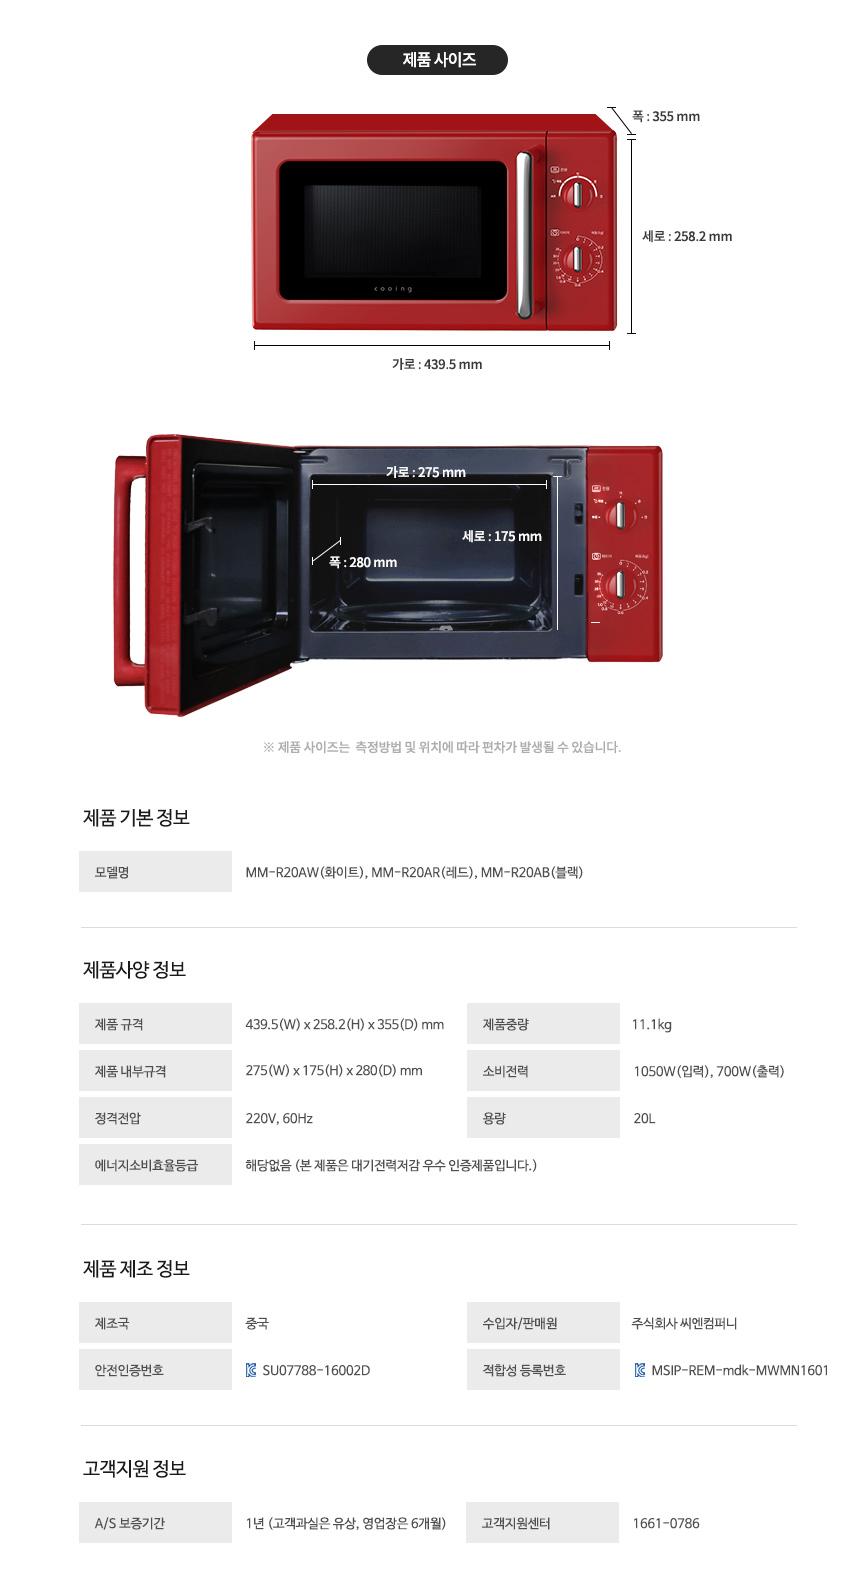 상세페이지 6, MM-R20A 제품사양